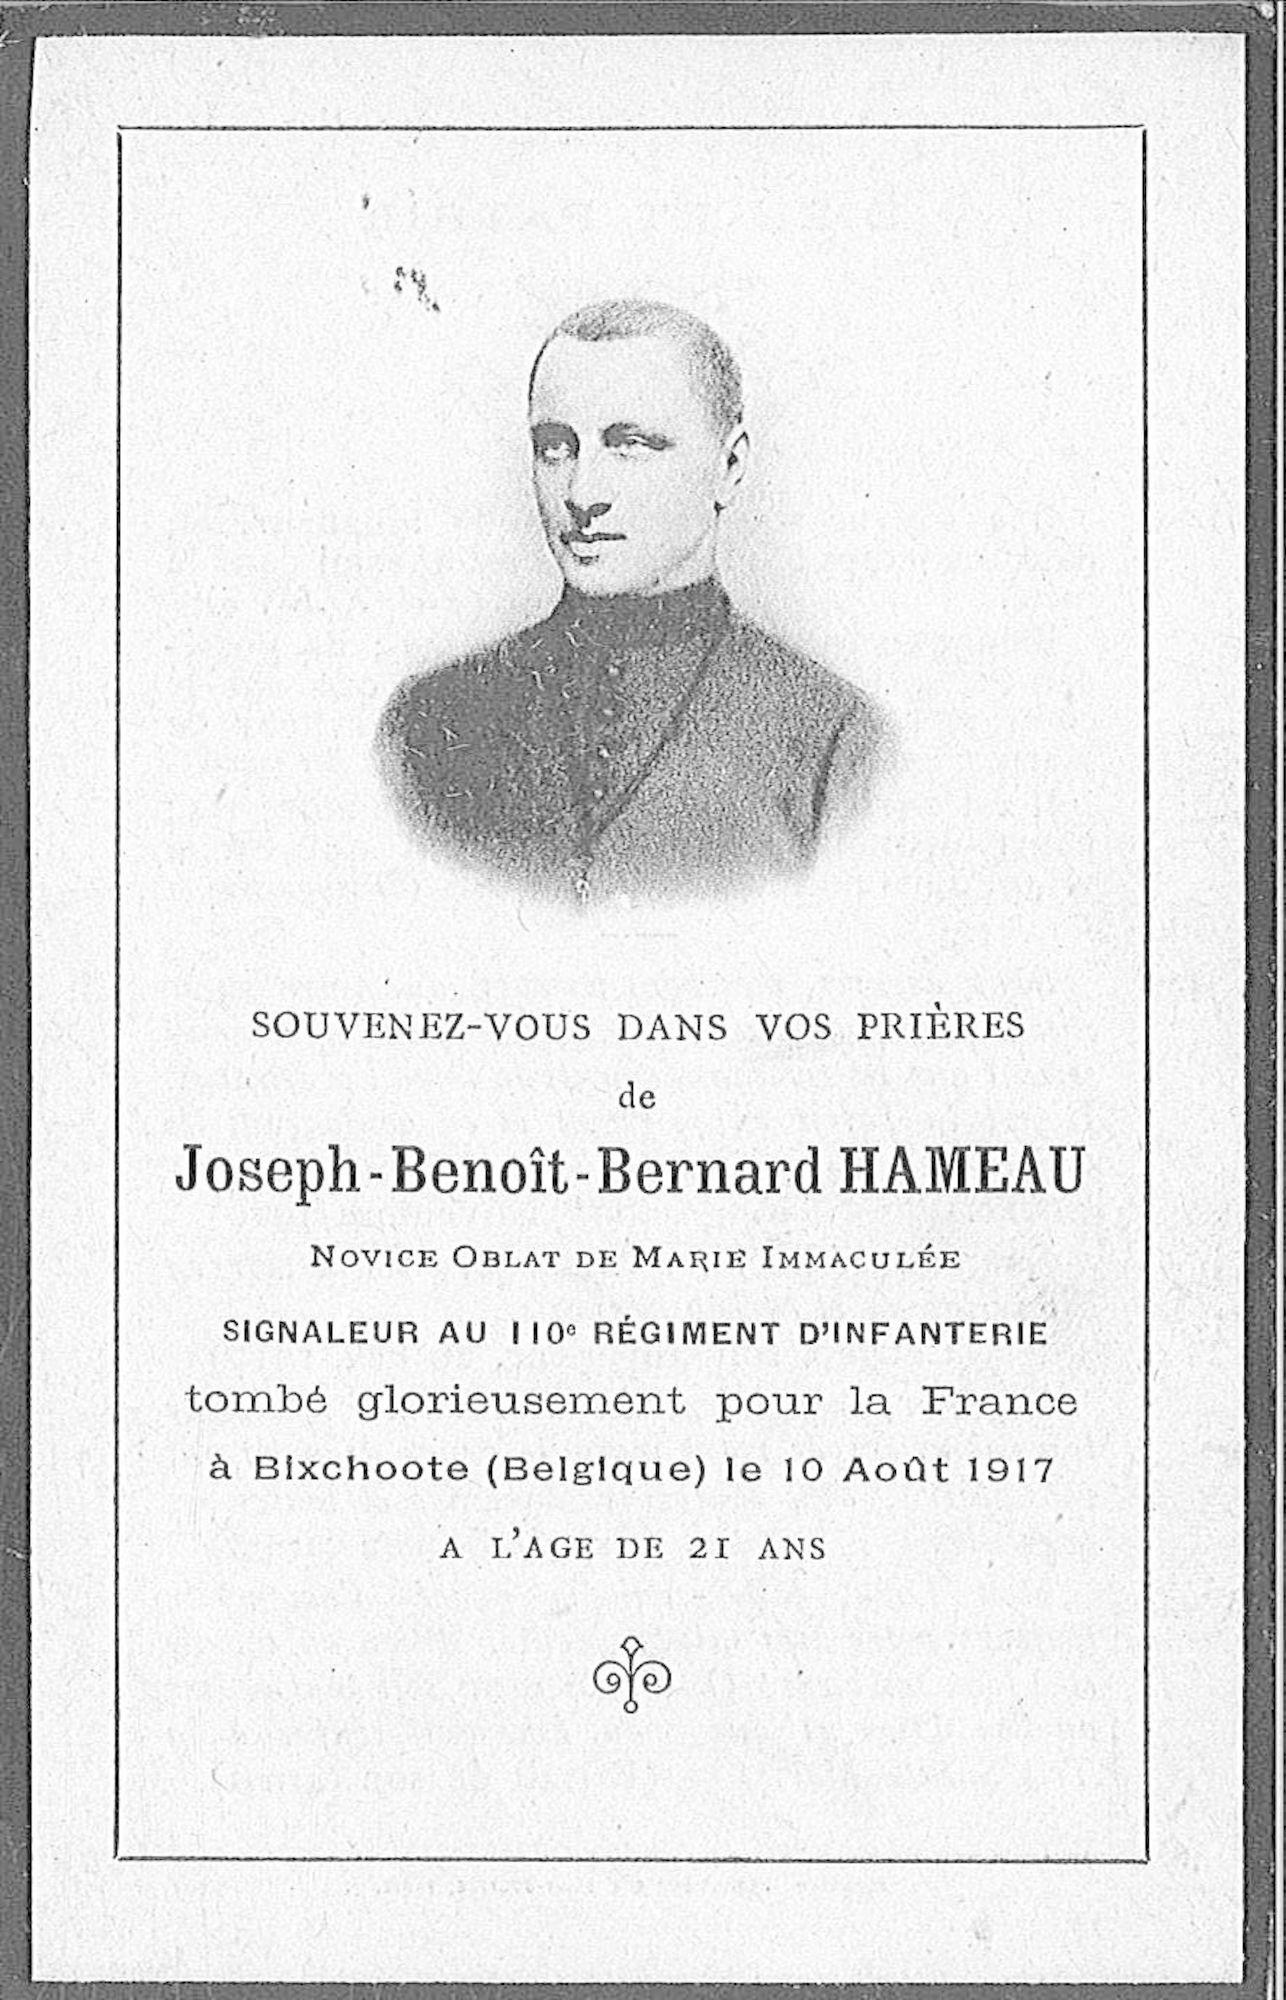 Joseph-Benoît-Bernard Hameau